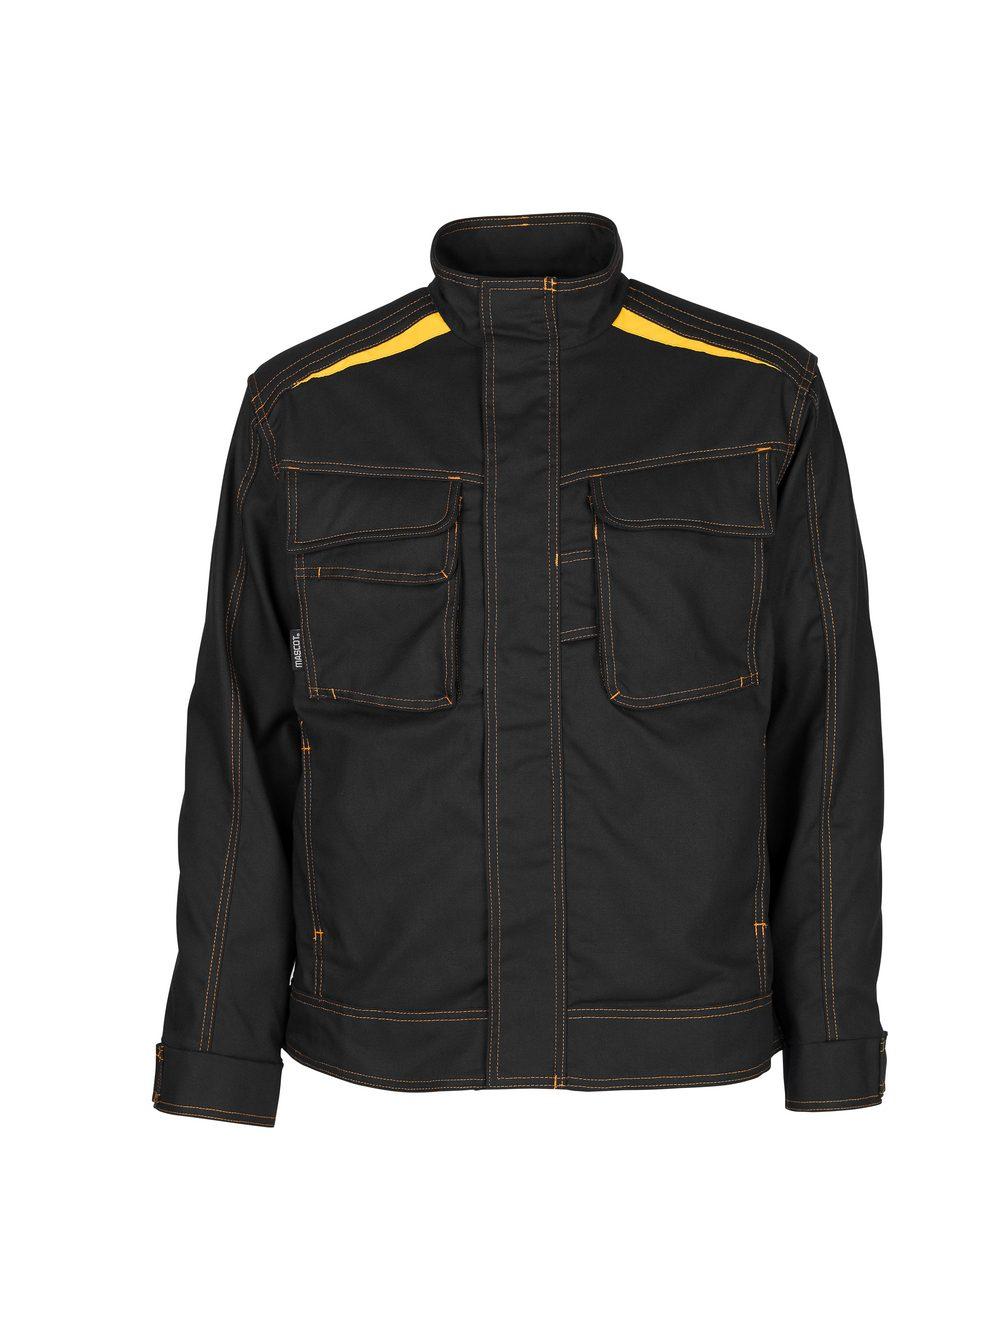 MASCOT Lamego Work Jacket